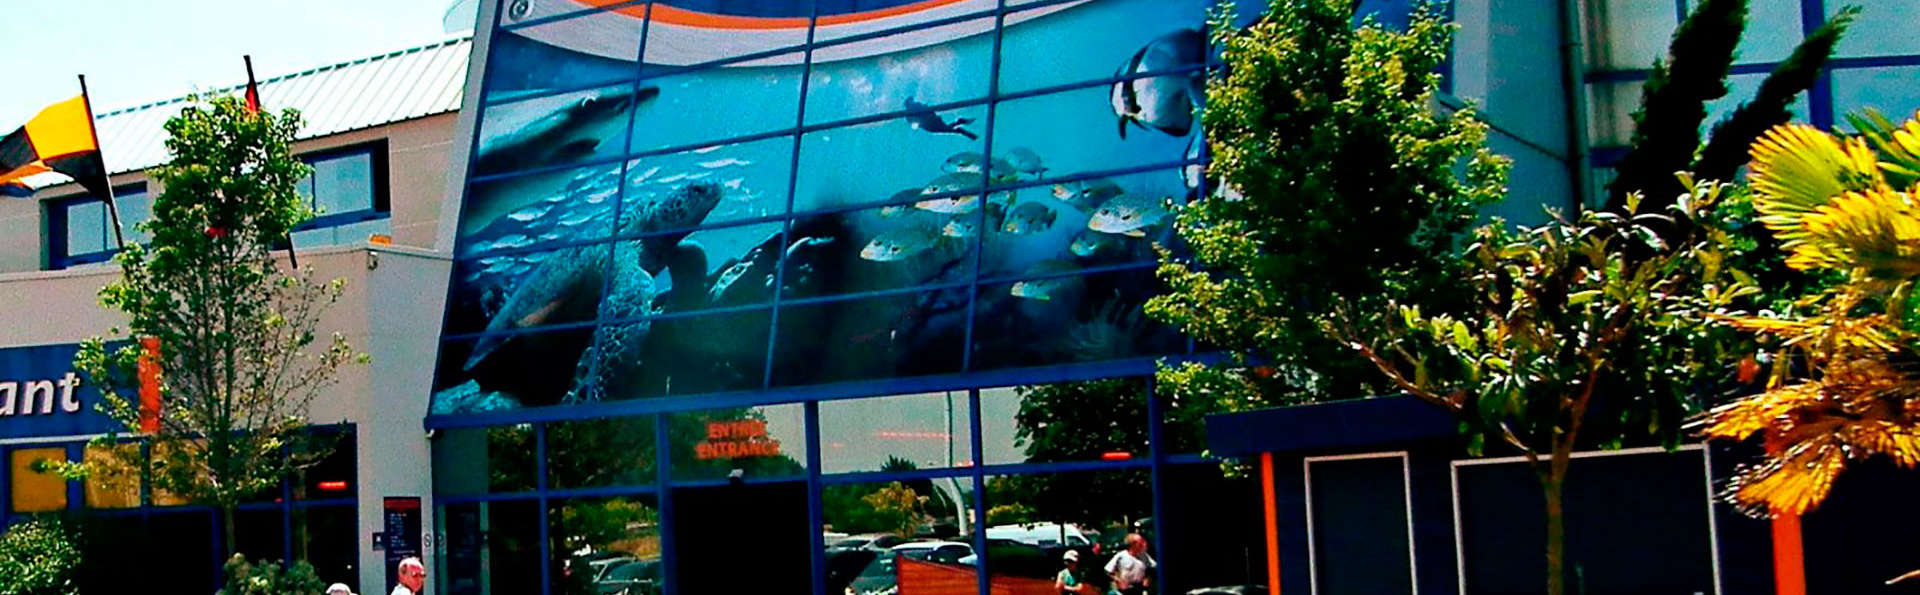 Escapade avec dîner et découverte de l'Aquarium de Saint-Malo ( à partir de 2 nuits)